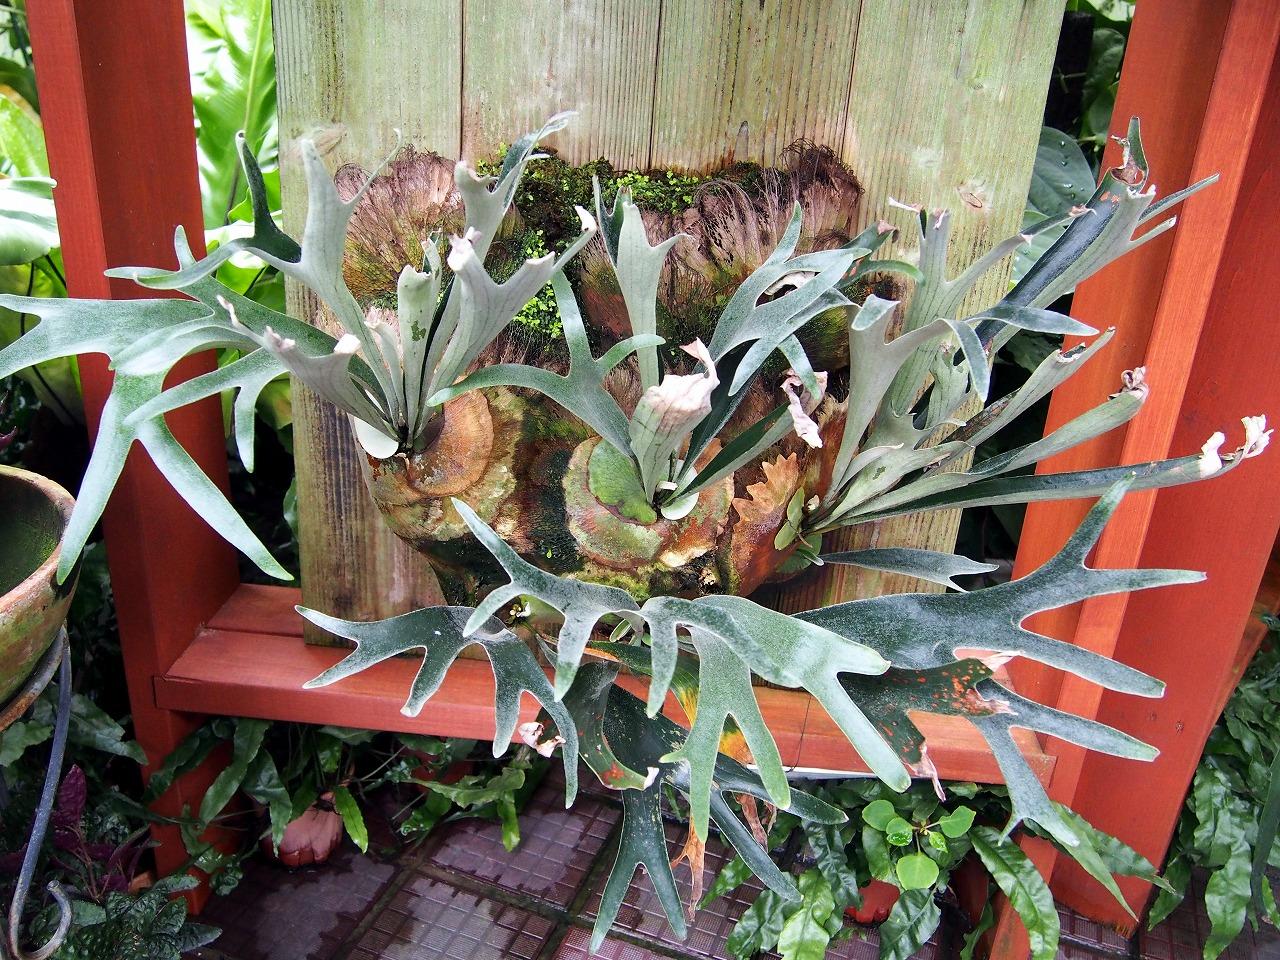 BotanicalGarden105_20141115.jpg